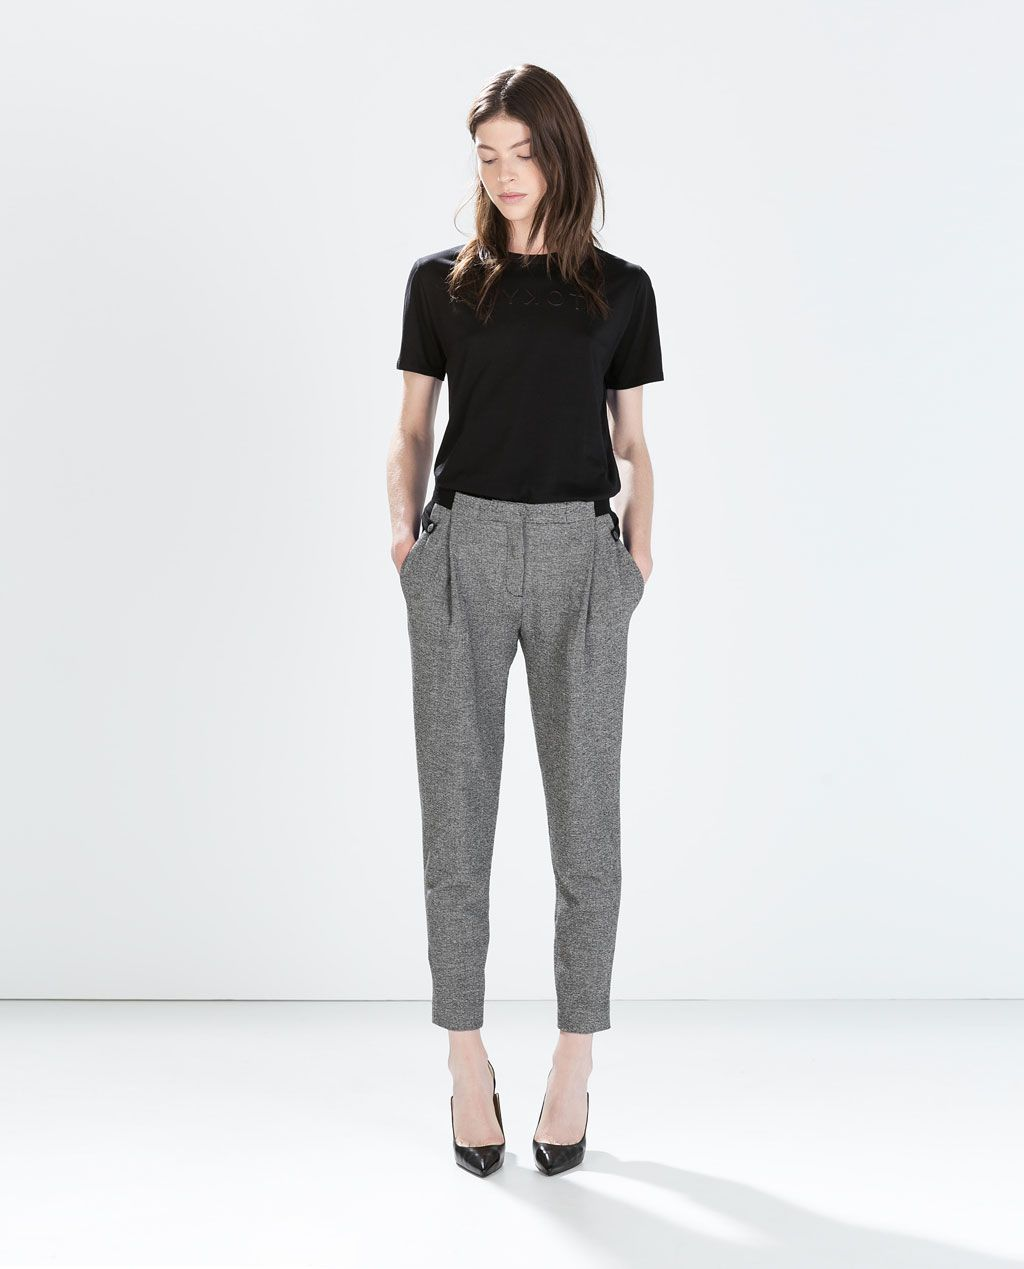 Imagen 1 De Pantalon Cintura Combinada De Zara Zara Mujer Pantalones Moda Estilo Y Pantalones